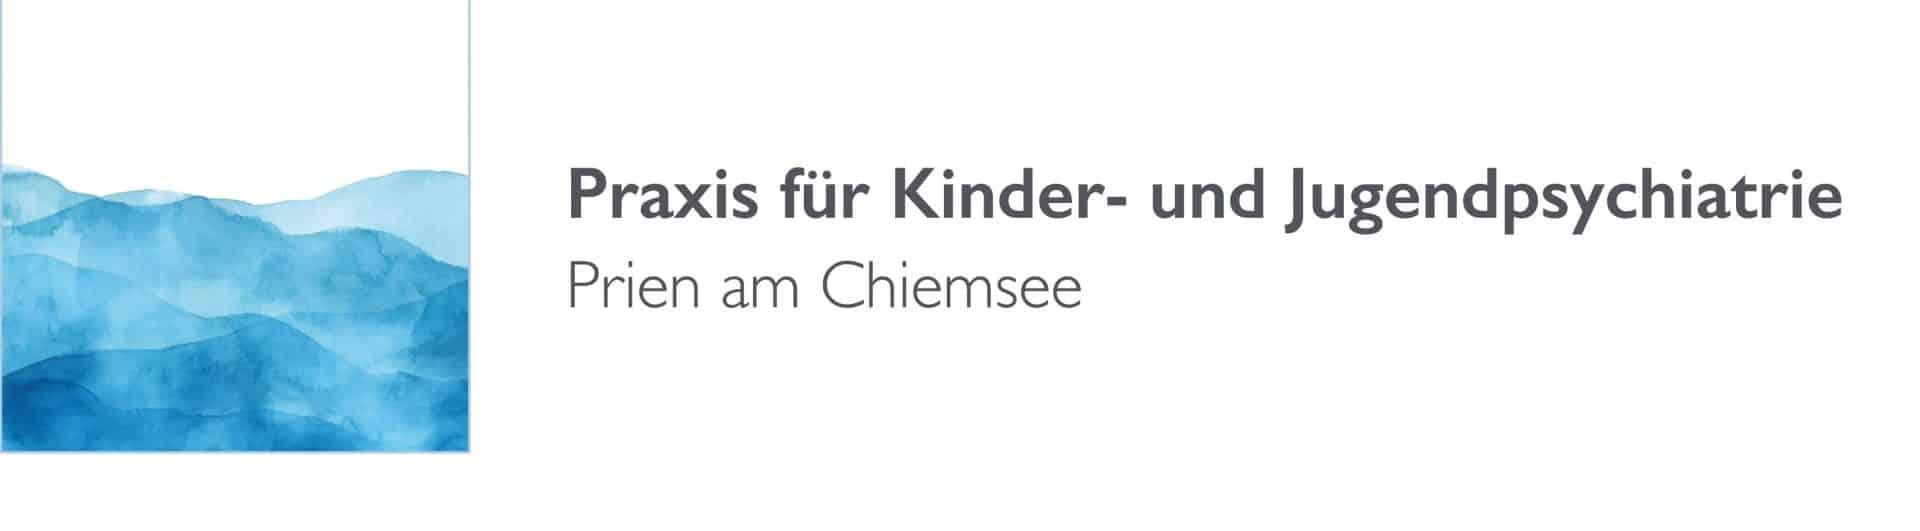 Kinder- und Jugendpsychiatrie Prien am Chiemsee Anja Wiberg